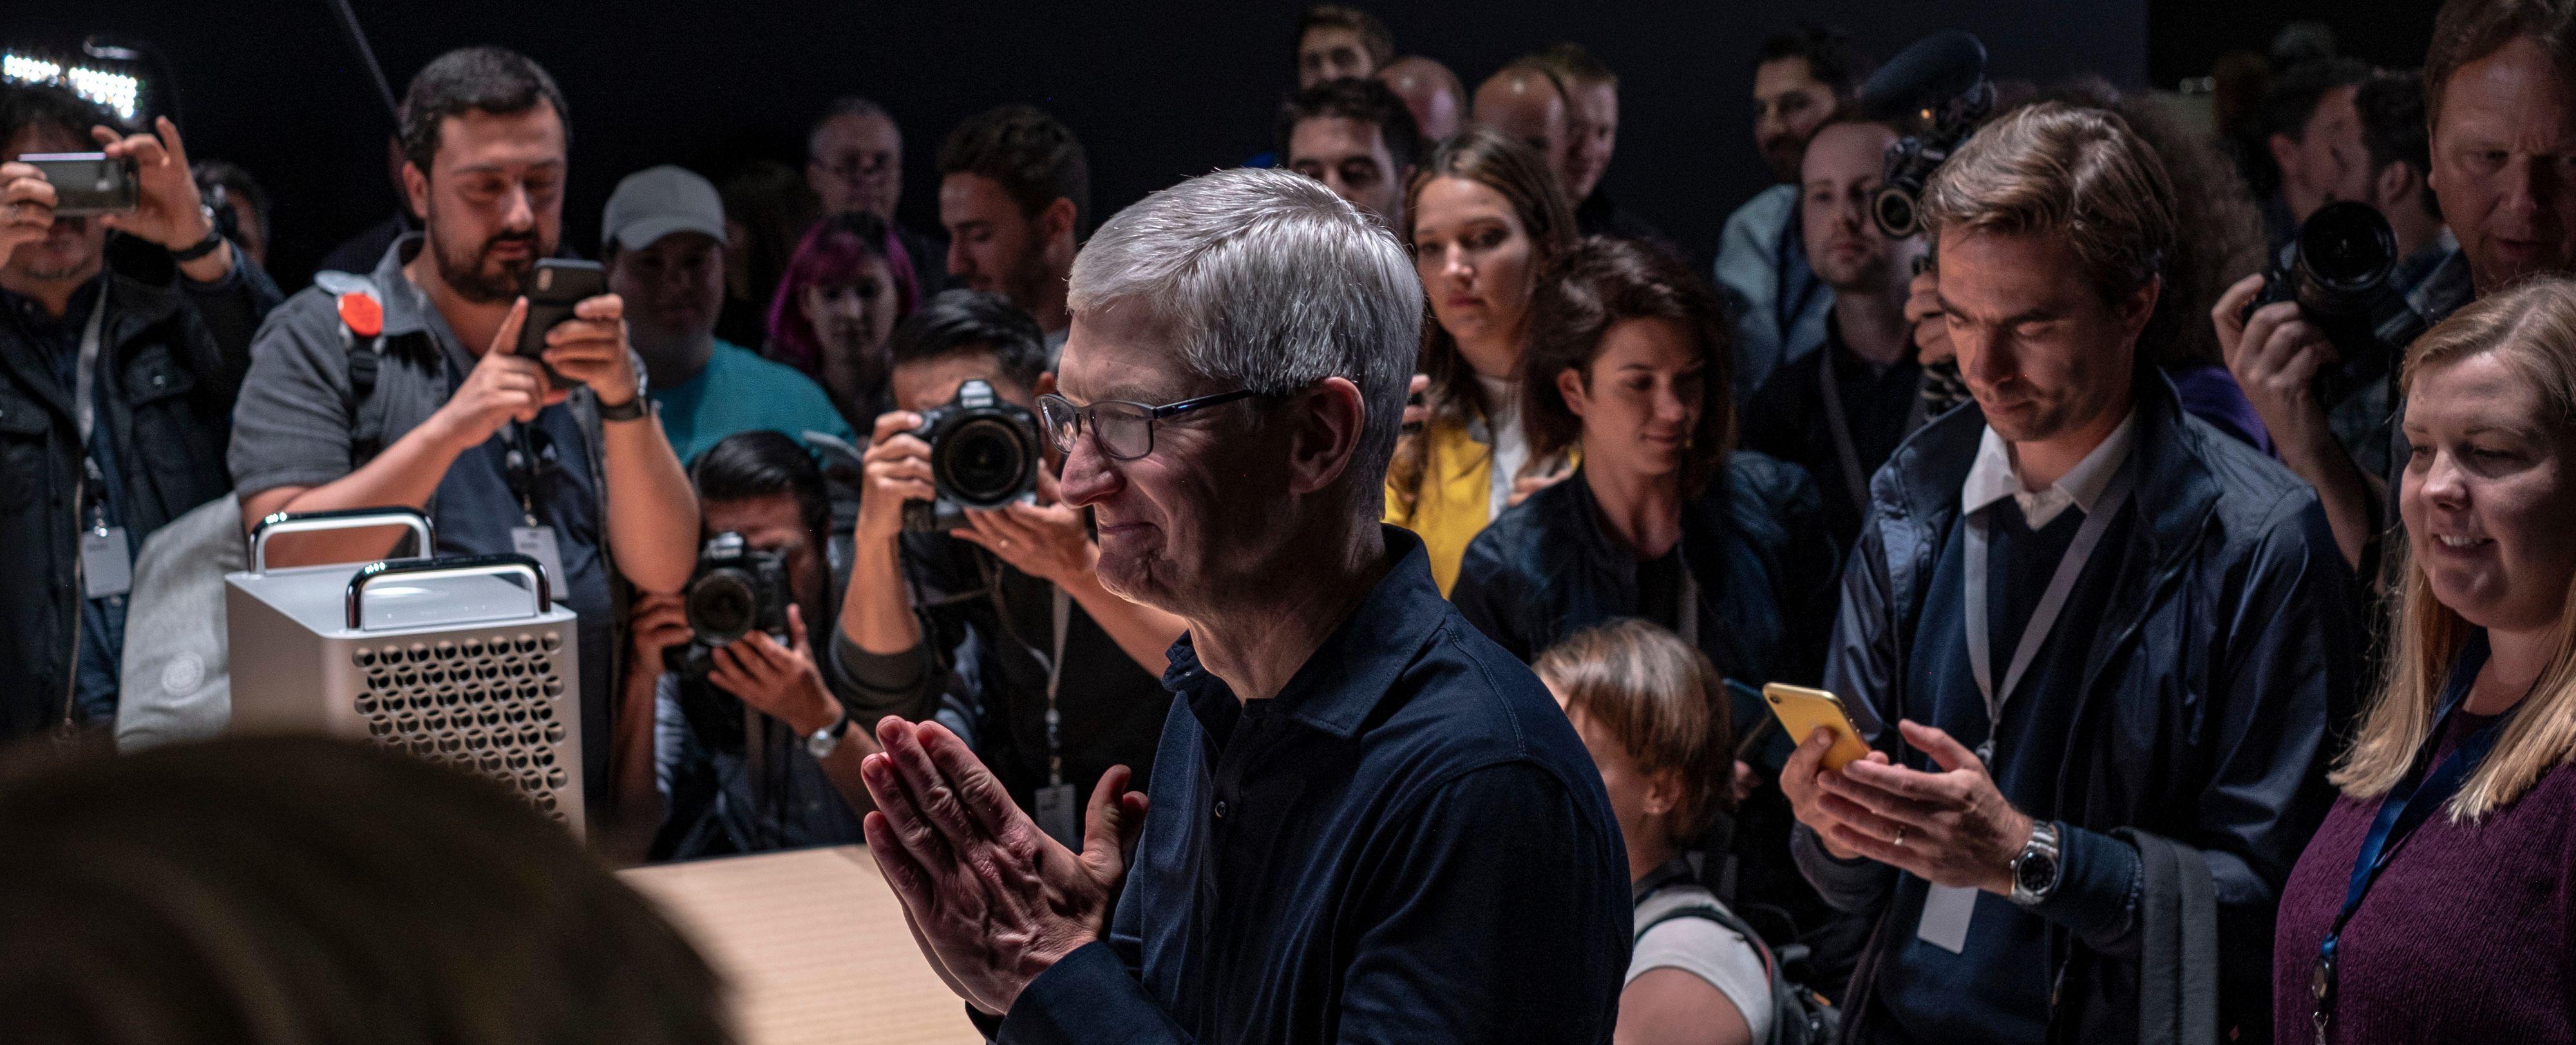 Tim Cook antyder i Financial Times at endringen kanskje ikke blir så stor for Apple og designen av kommende produkter. Her fra WWDC-konferansen tidligere i år.